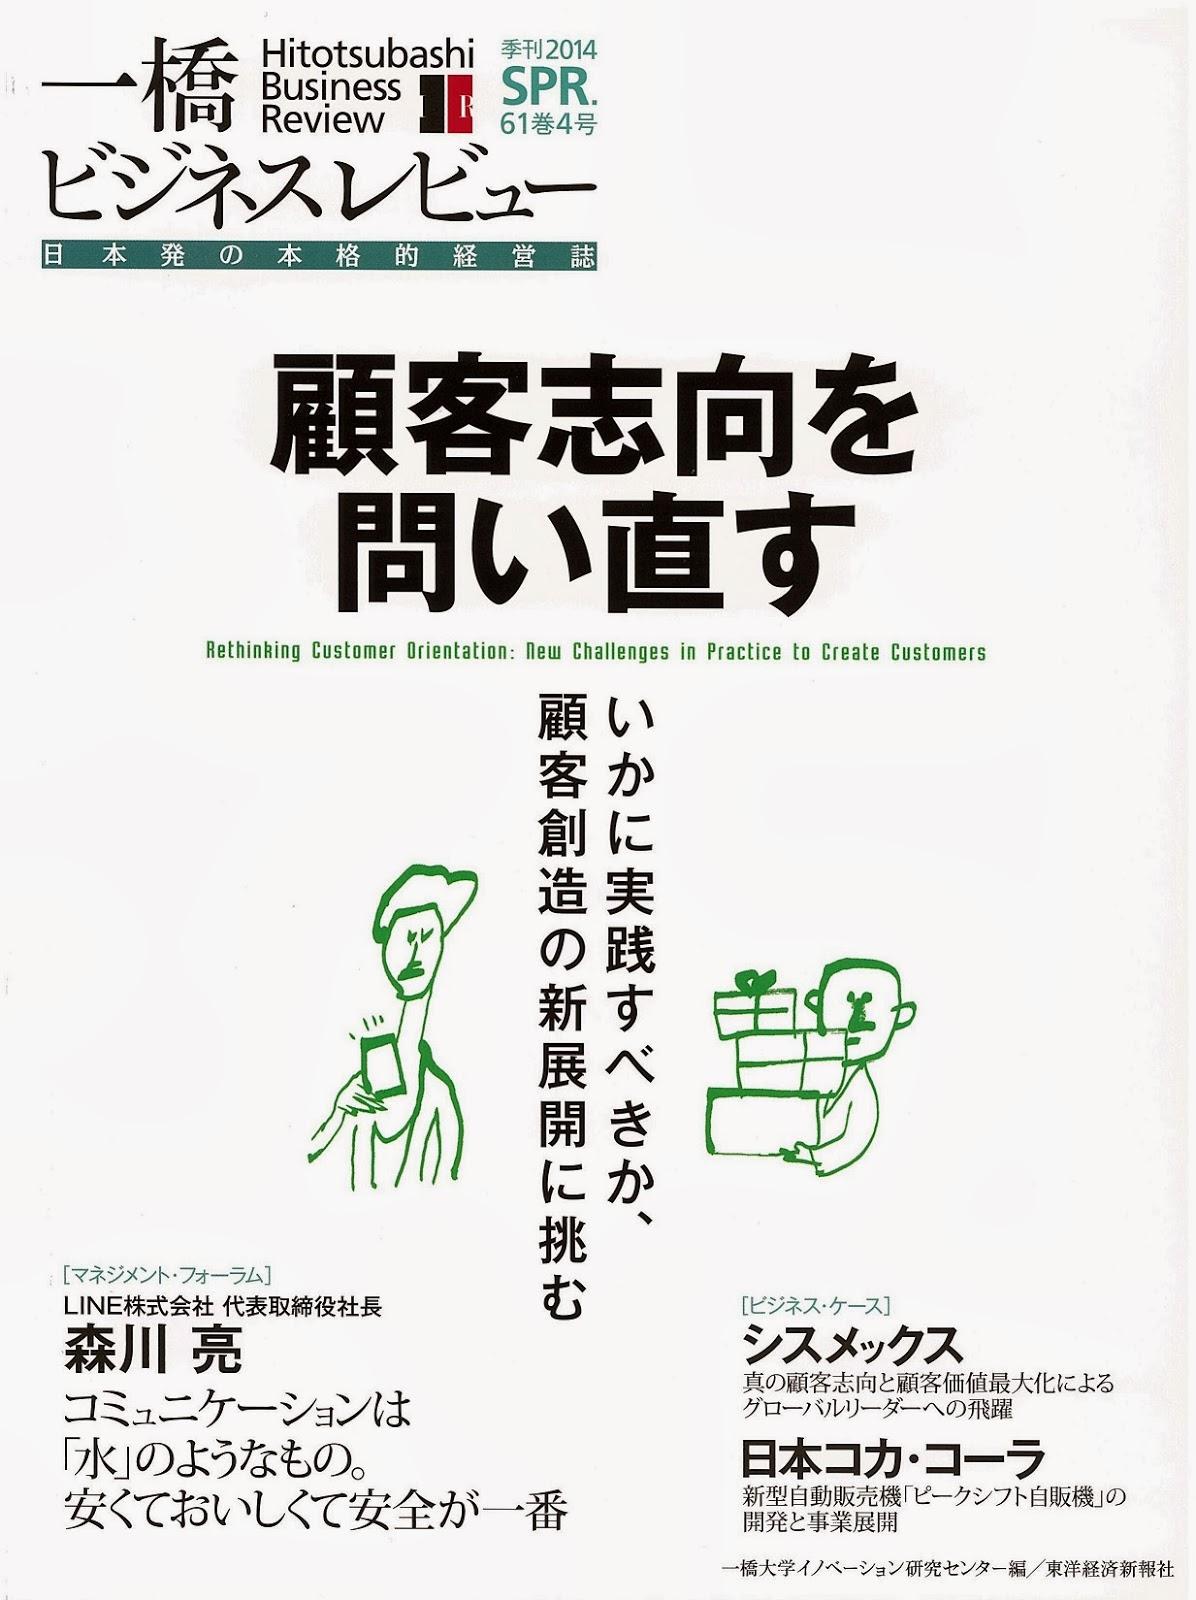 【一橋ビジネスレビュー】 2013年度 Vol.61-No.4